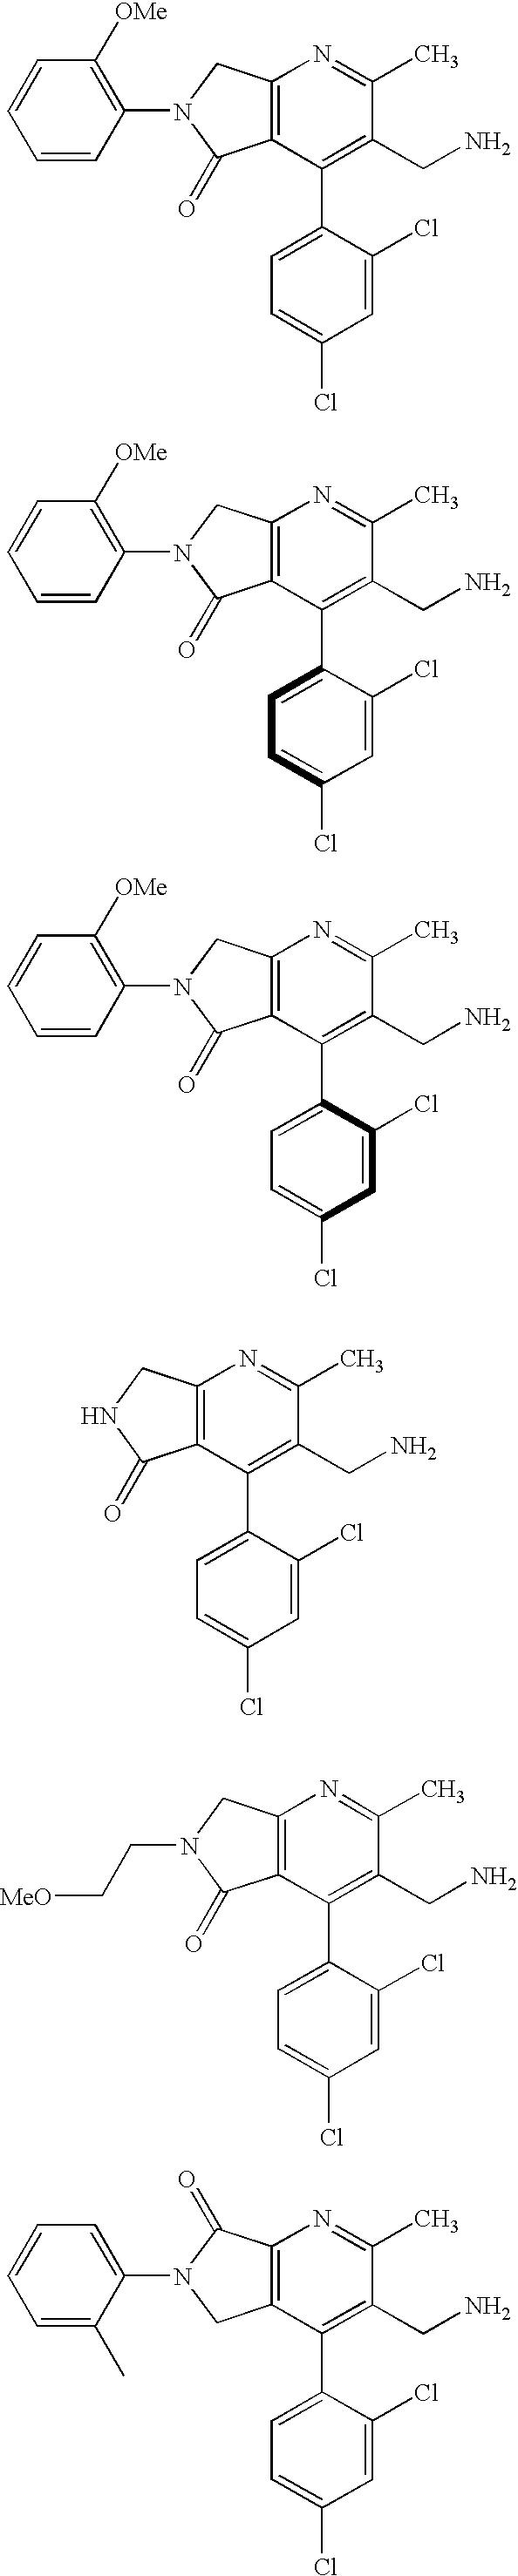 Figure US07521557-20090421-C00306